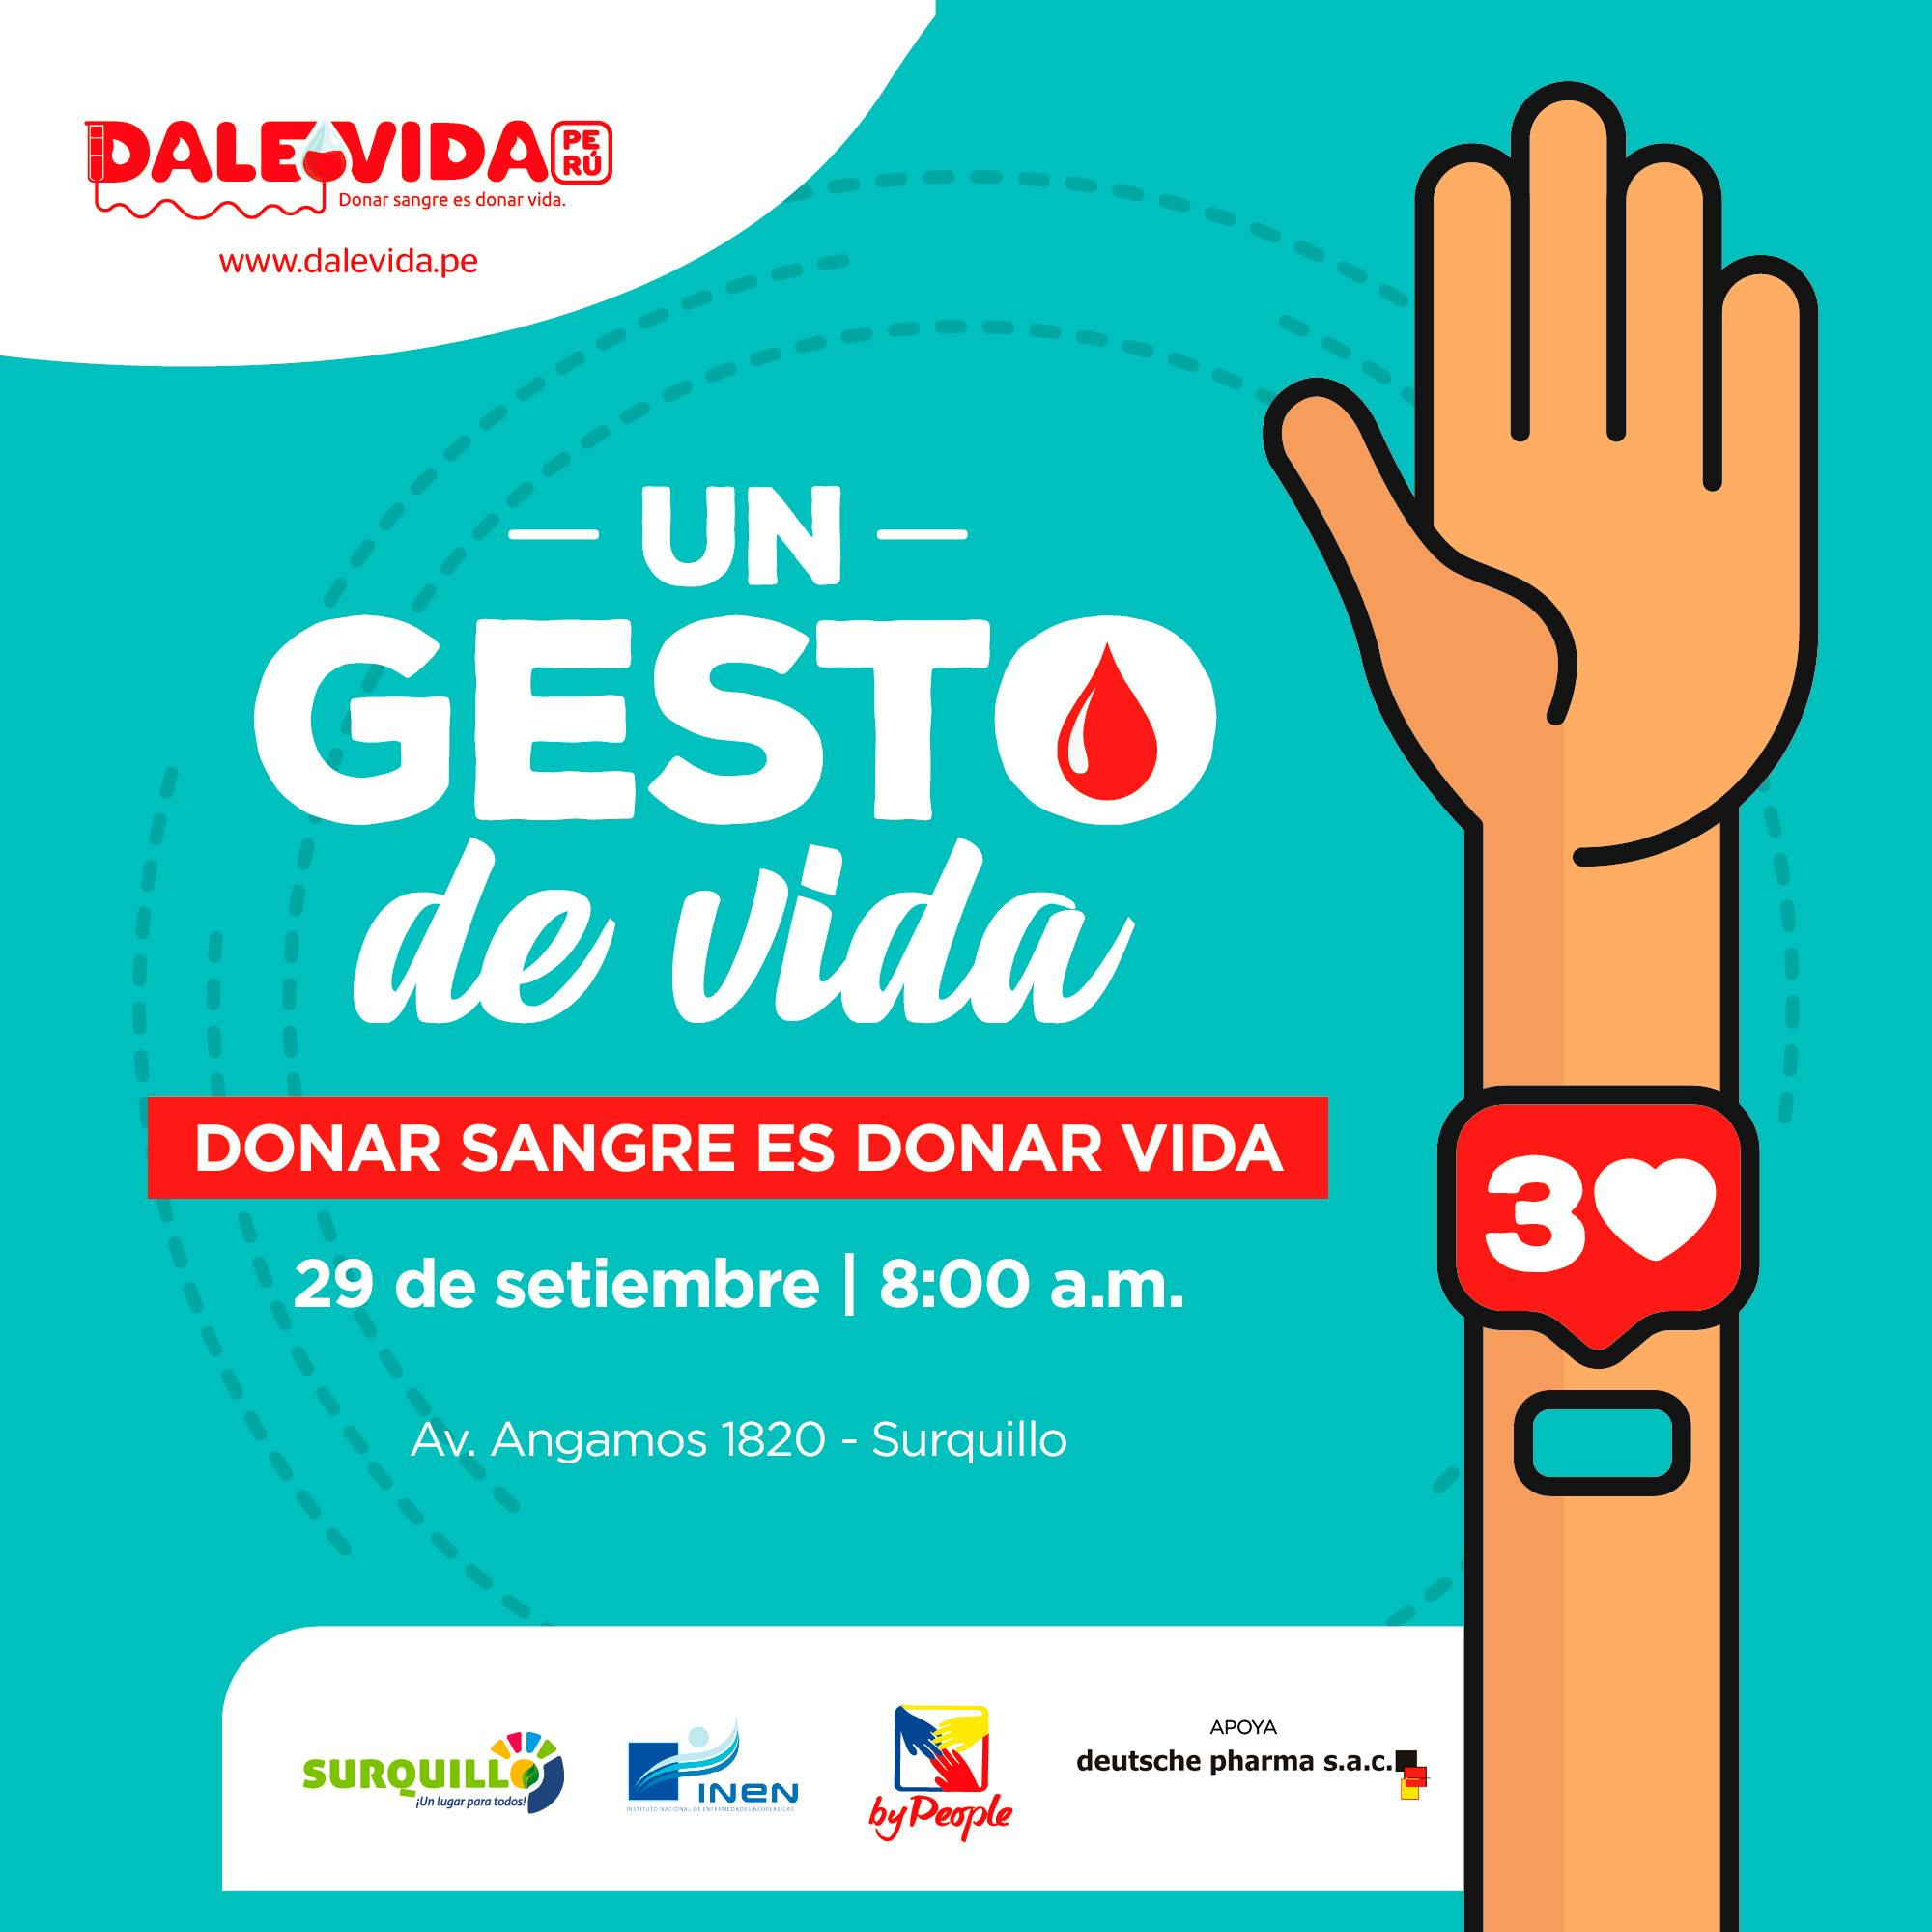 Dale Vida Surquillo : 29/09/2020